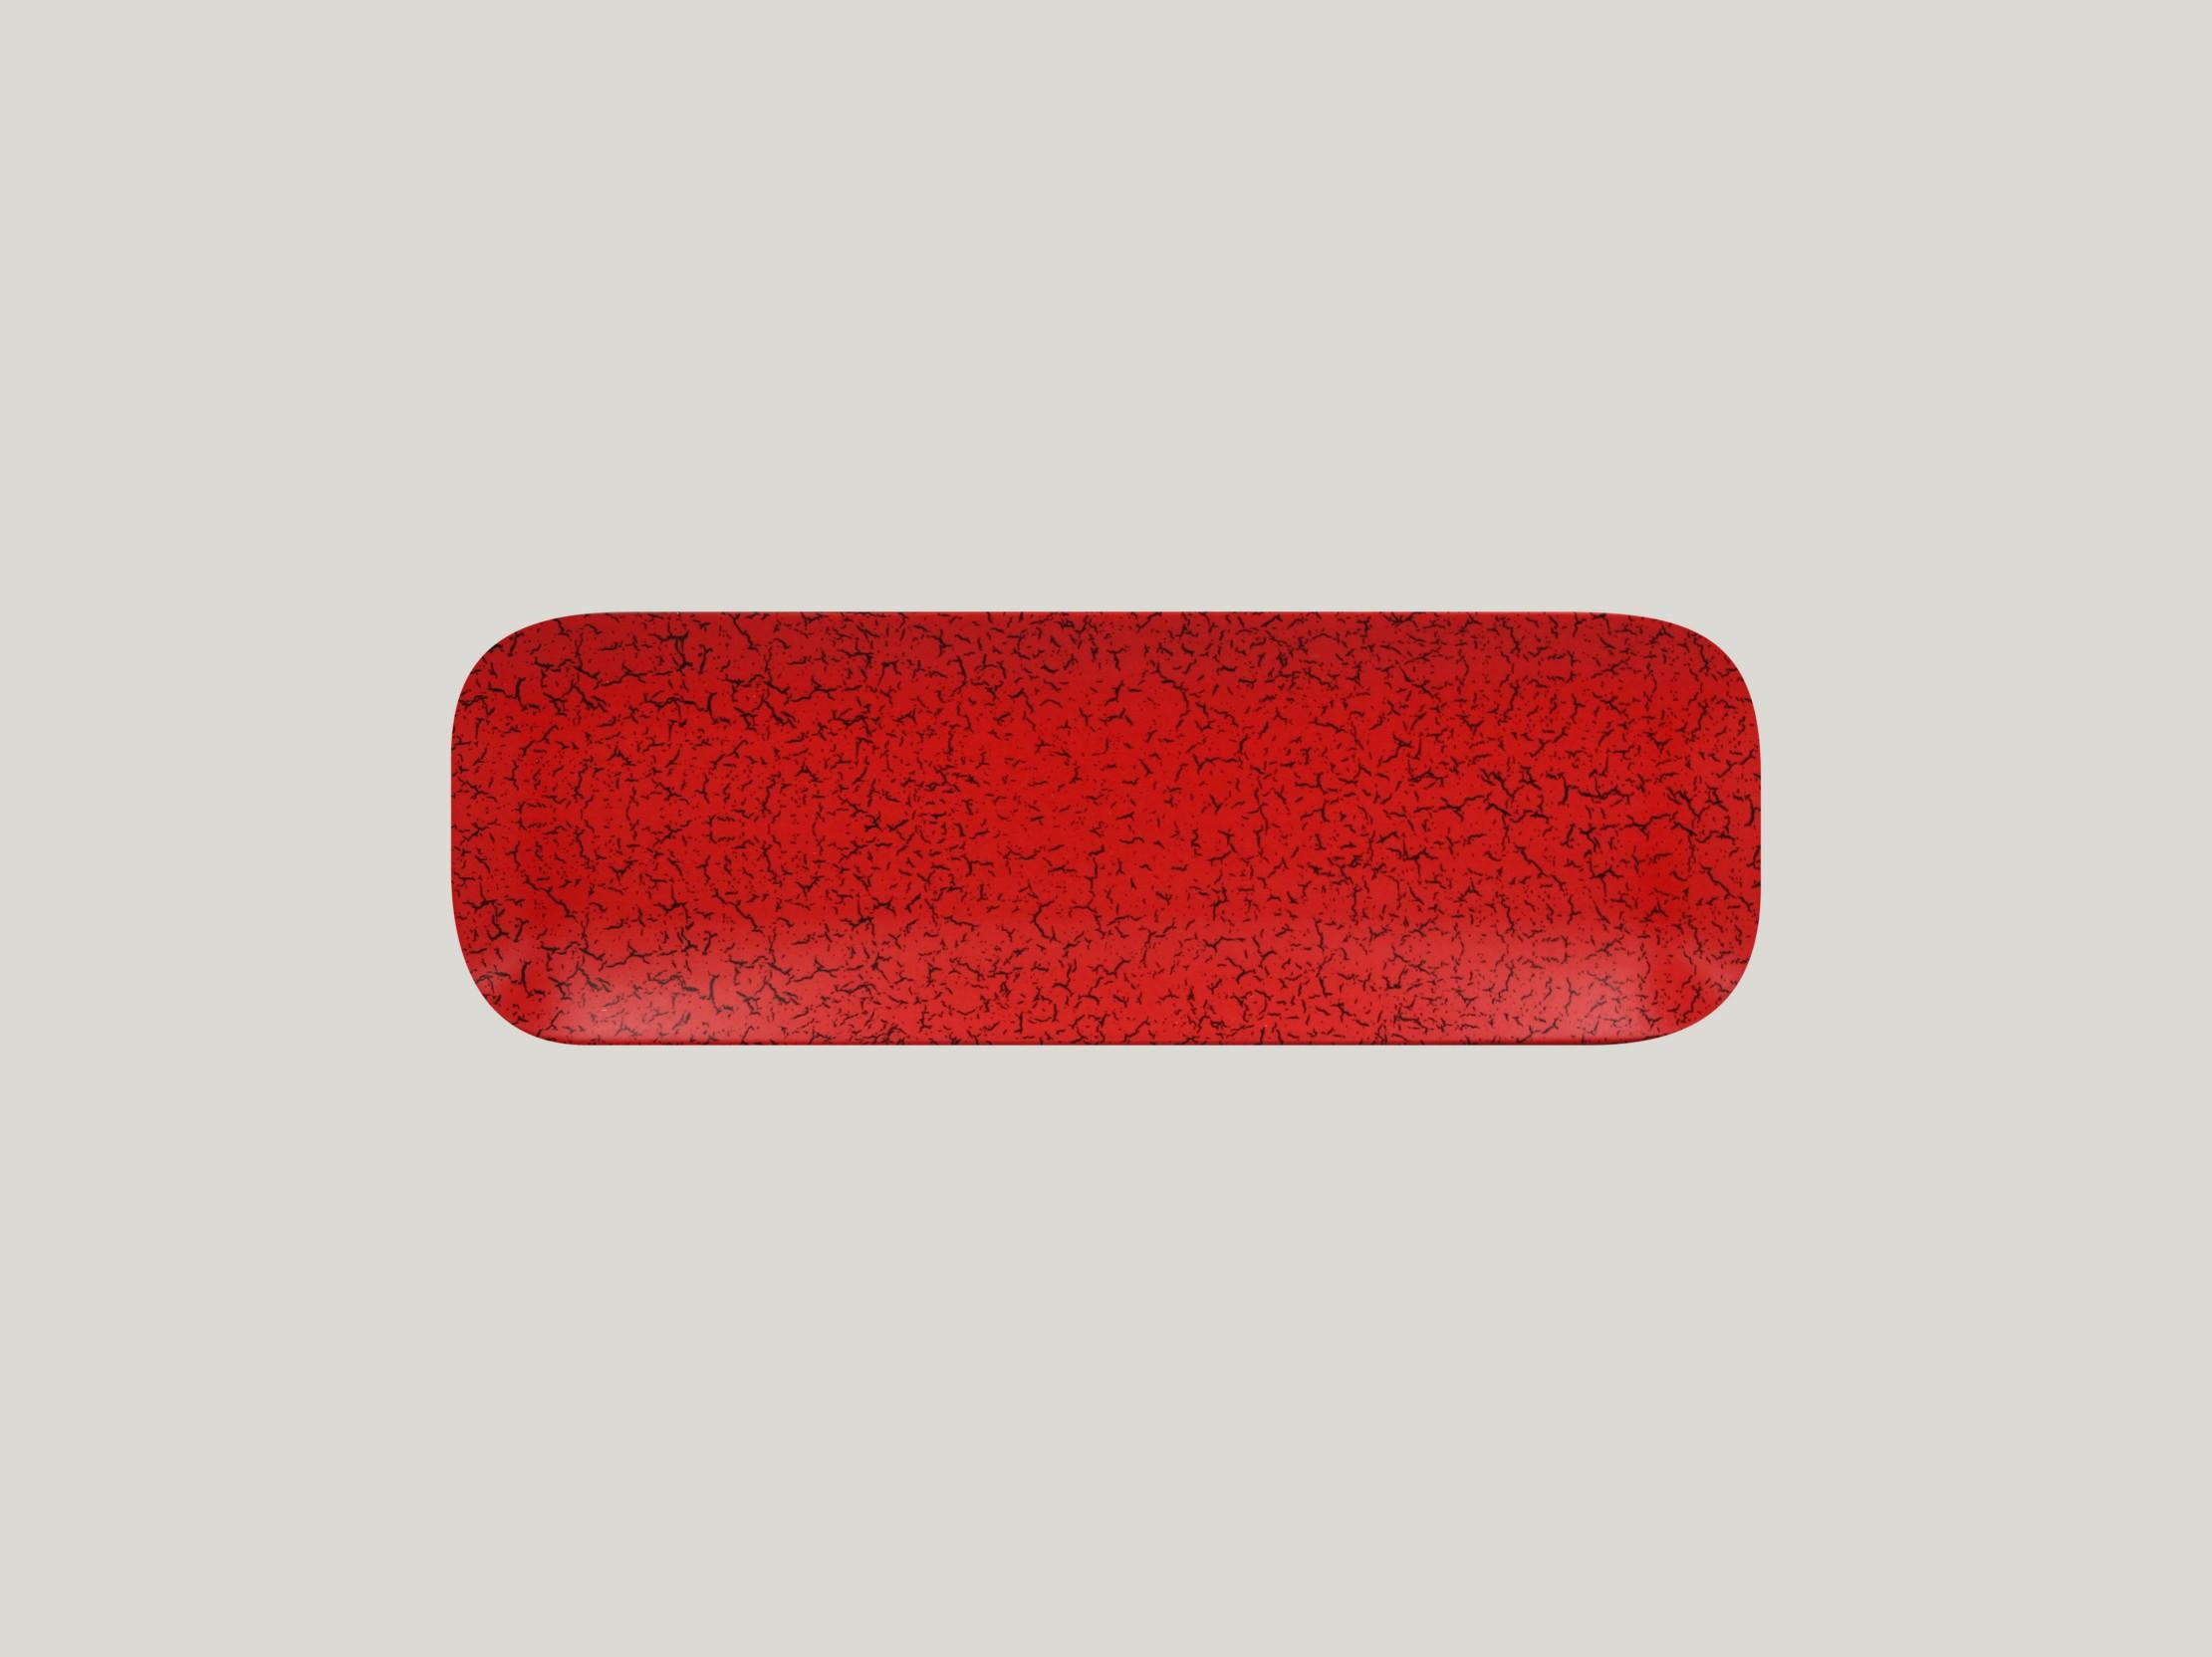 Talíř obdélníkový 33 x 11 cm - červená